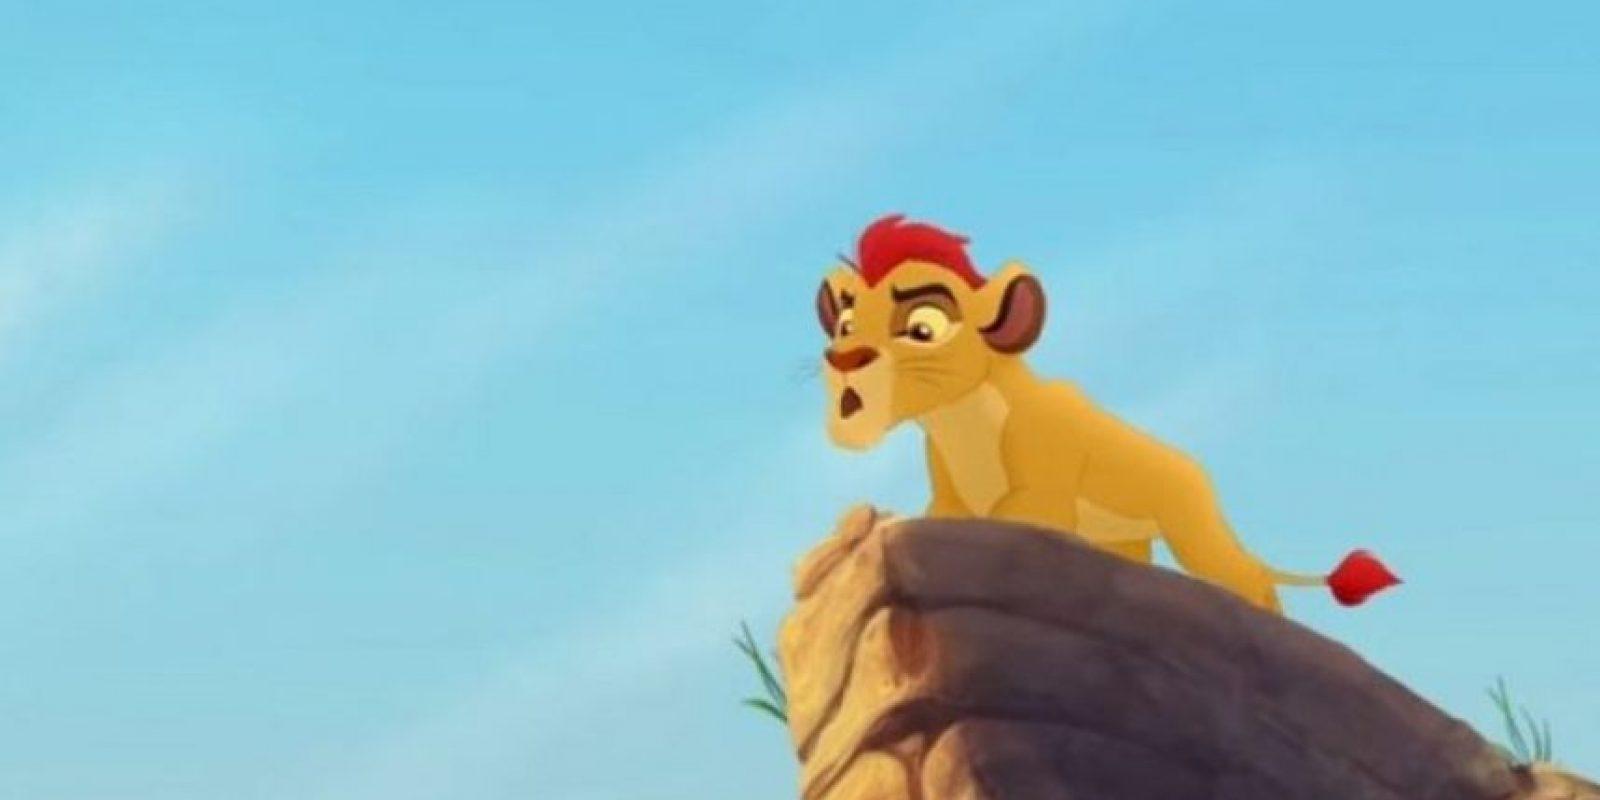 """La historia se centrará en """"Kion"""", el segundo hijo de """"Simba"""" y """"Nala"""", quien lidera a un grupo llamado """"Lion Guard"""", que trata de proteger las tierras del reino. Foto:vía facebook.com/lionking"""